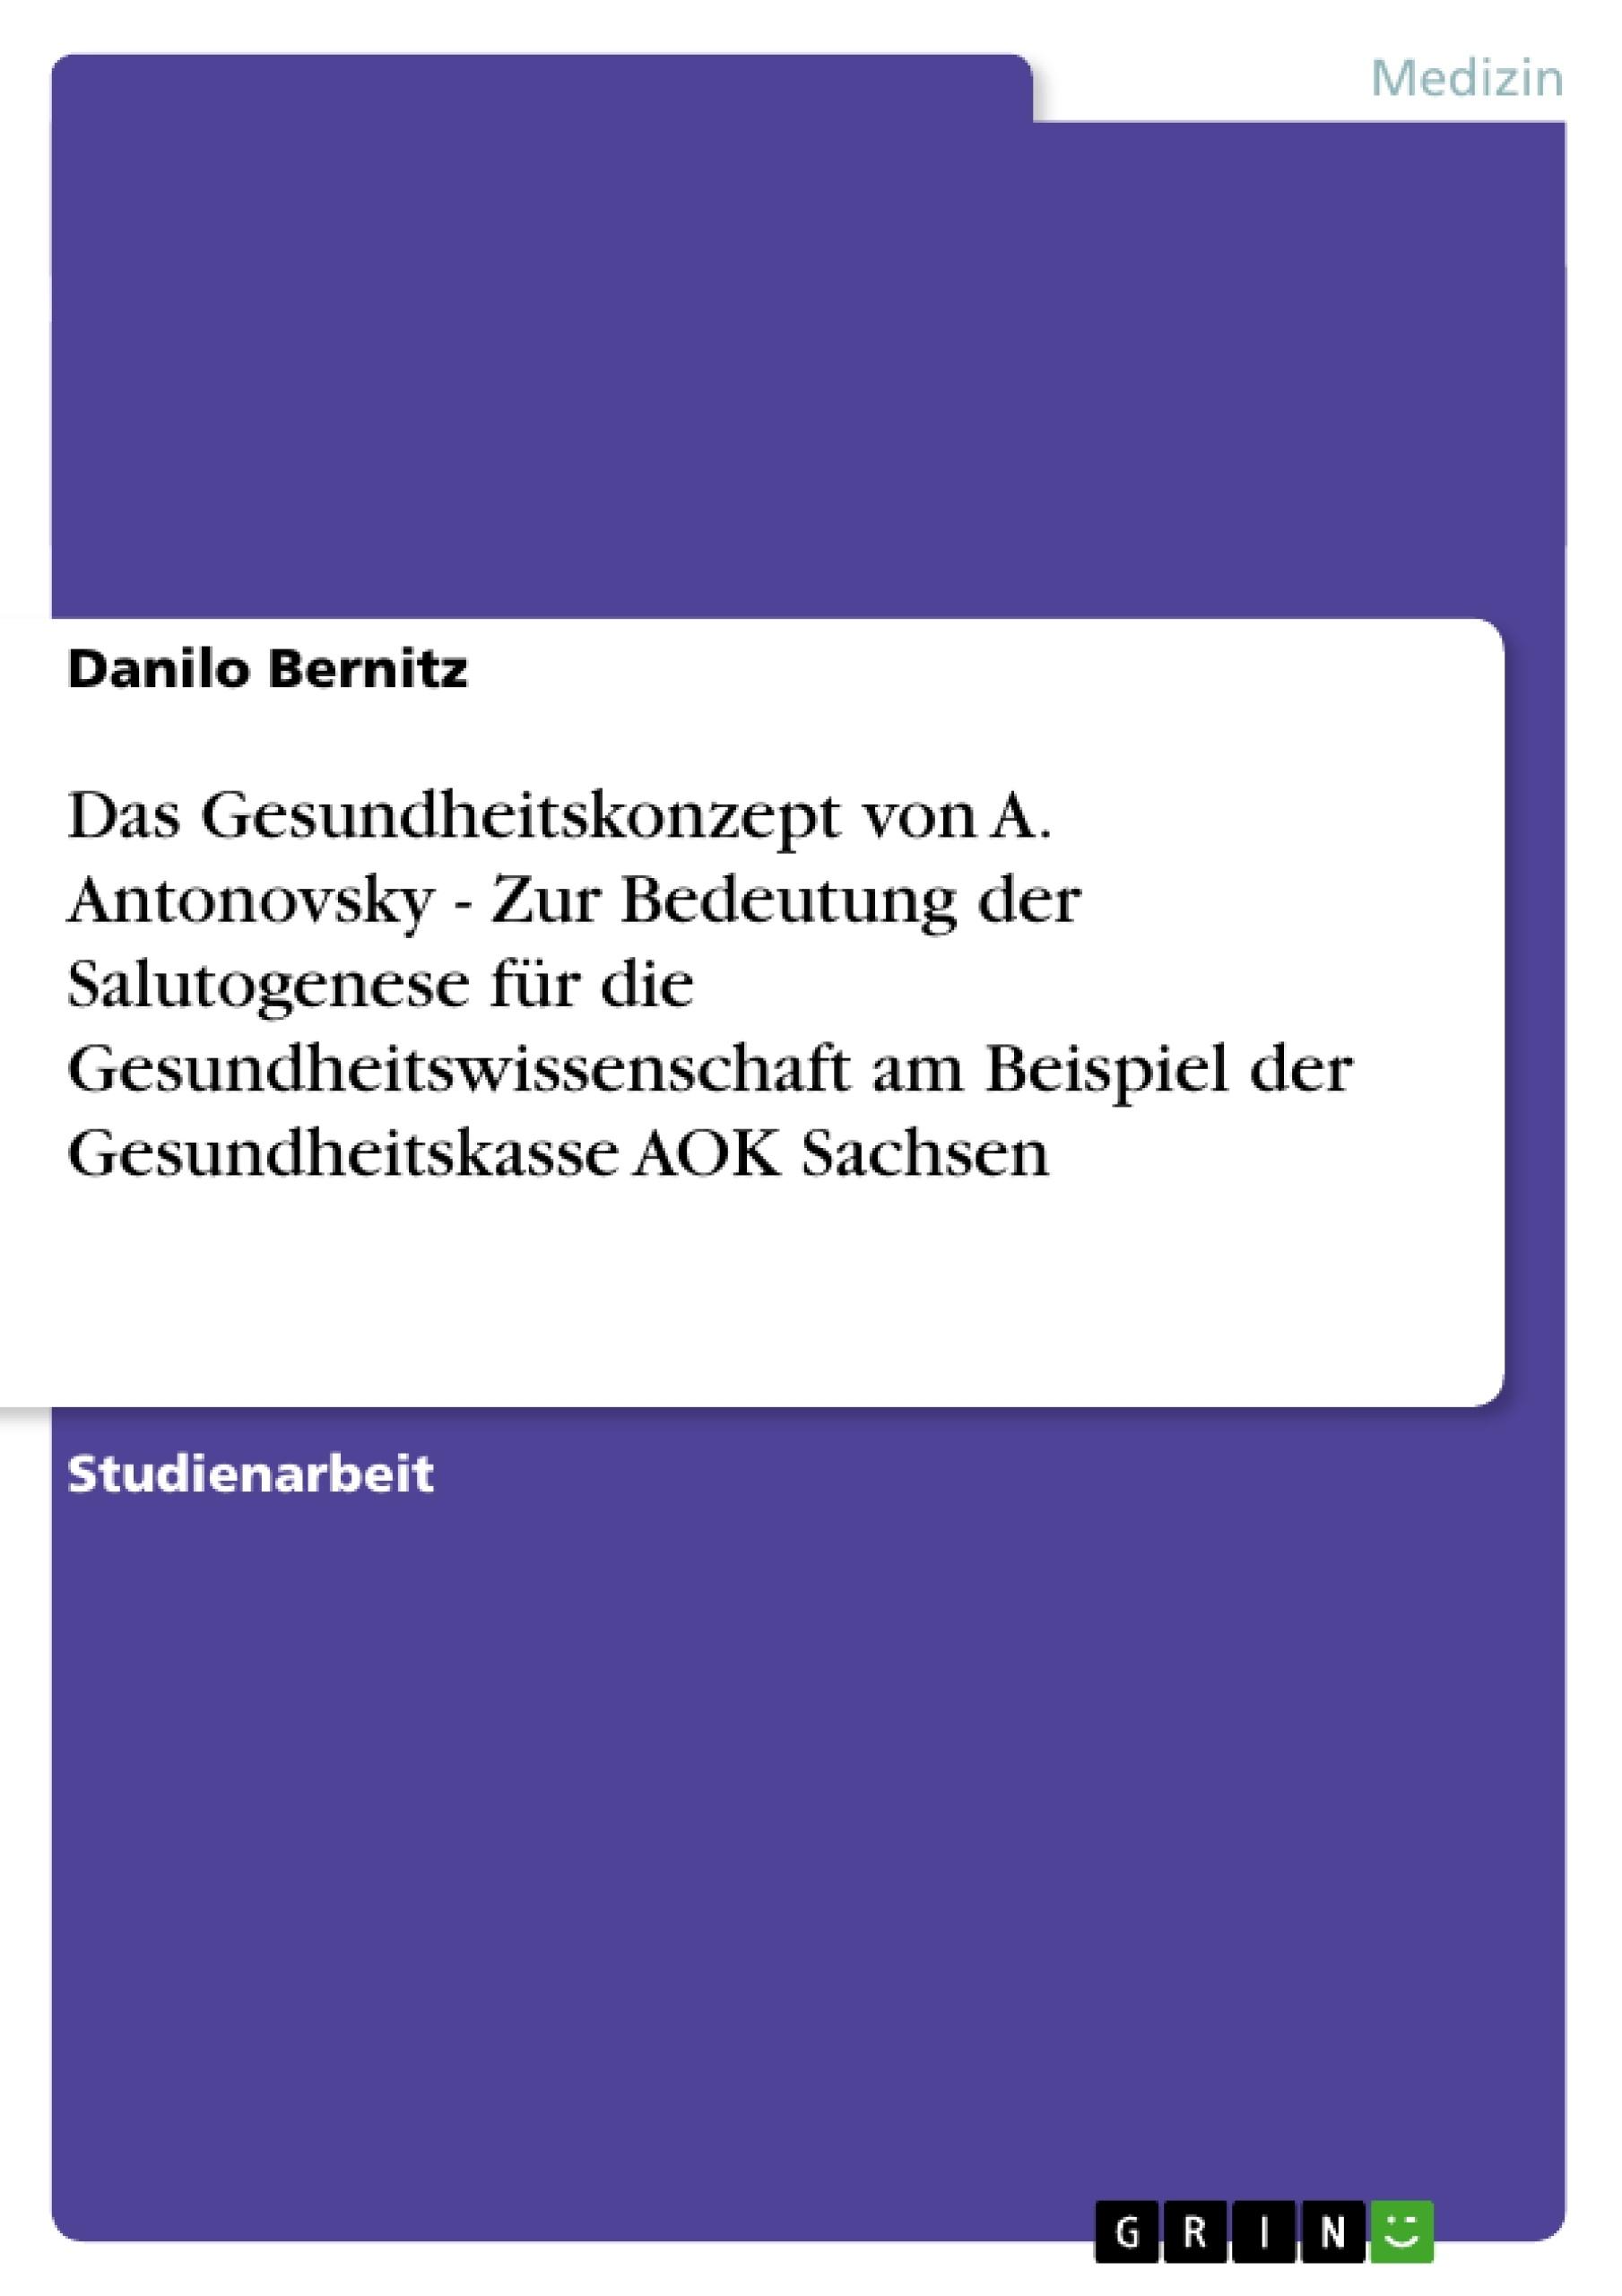 Titel: Das Gesundheitskonzept von A. Antonovsky - Zur Bedeutung der Salutogenese für die Gesundheitswissenschaft am Beispiel der Gesundheitskasse AOK Sachsen